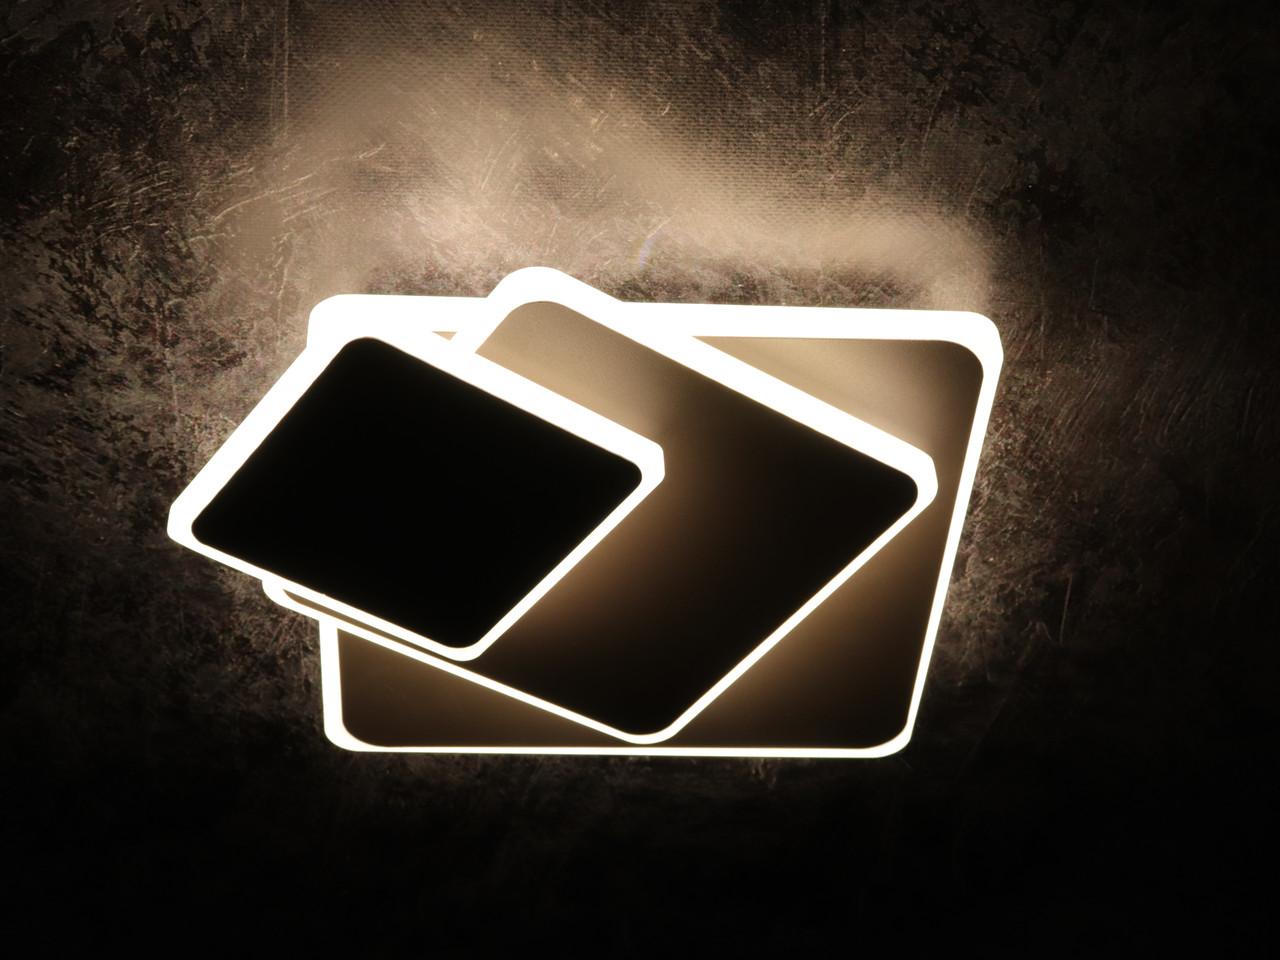 Світильник стельовий LED (7х25х40 див.) Чорний, коричневий або білий YR-8663/3F-cf